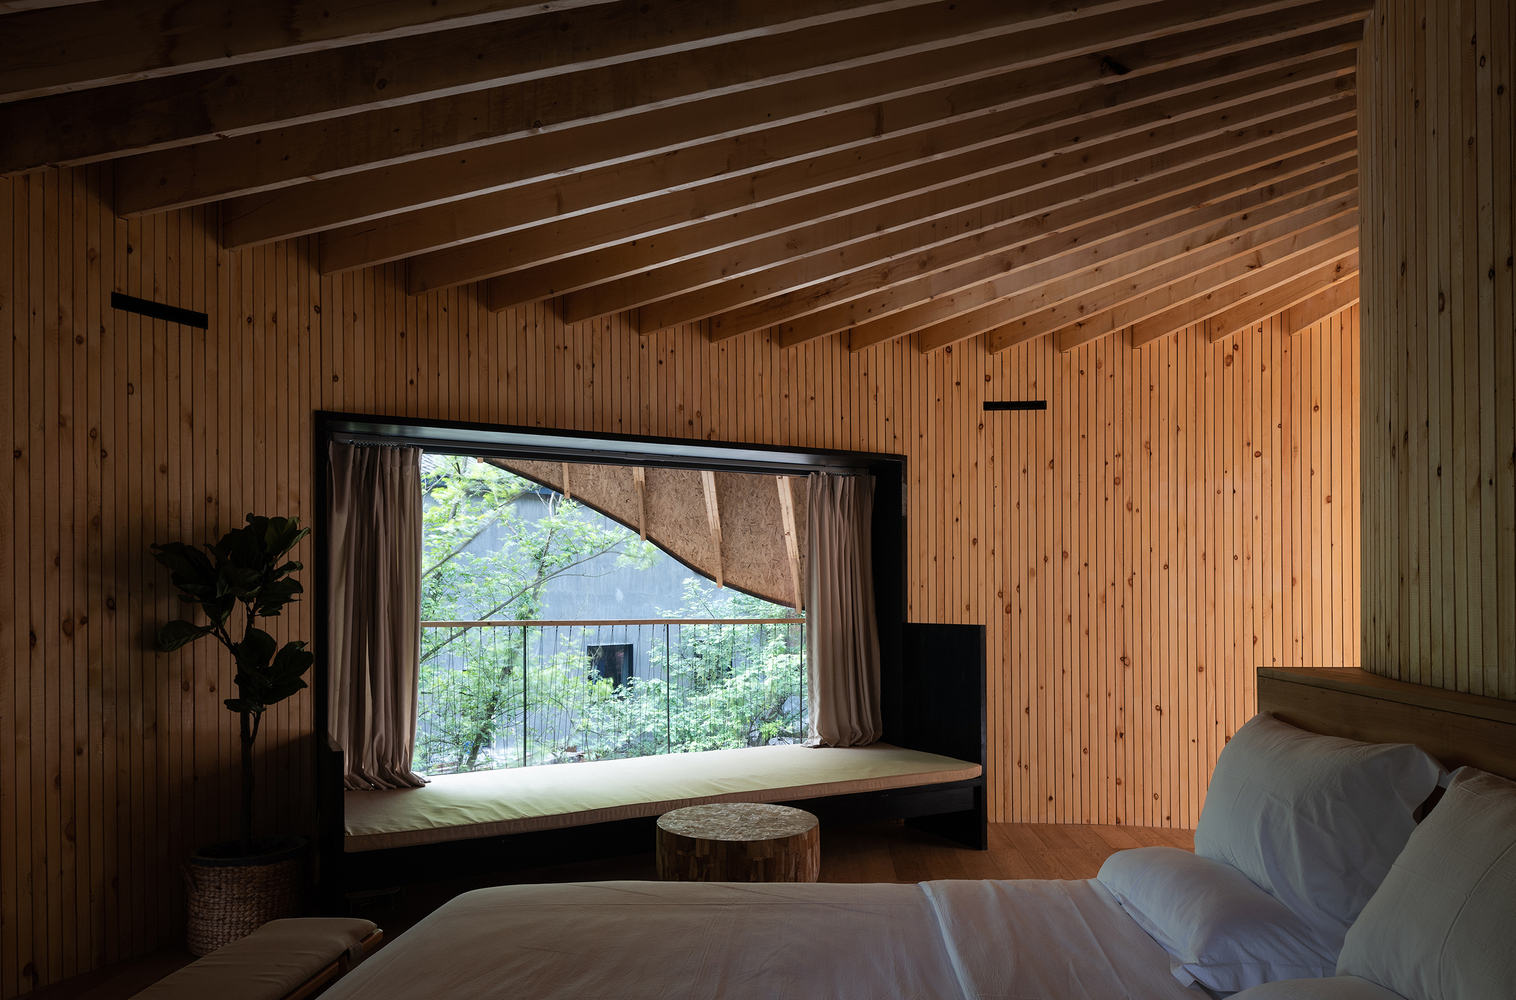 Trong phòng ngủ, bệ cửa sổ được thiết kế ghế ngồi thư giãn, đọc sách, chiêm ngưỡng cảnh sắc thiên nhiên xanh mát bên ngoài.